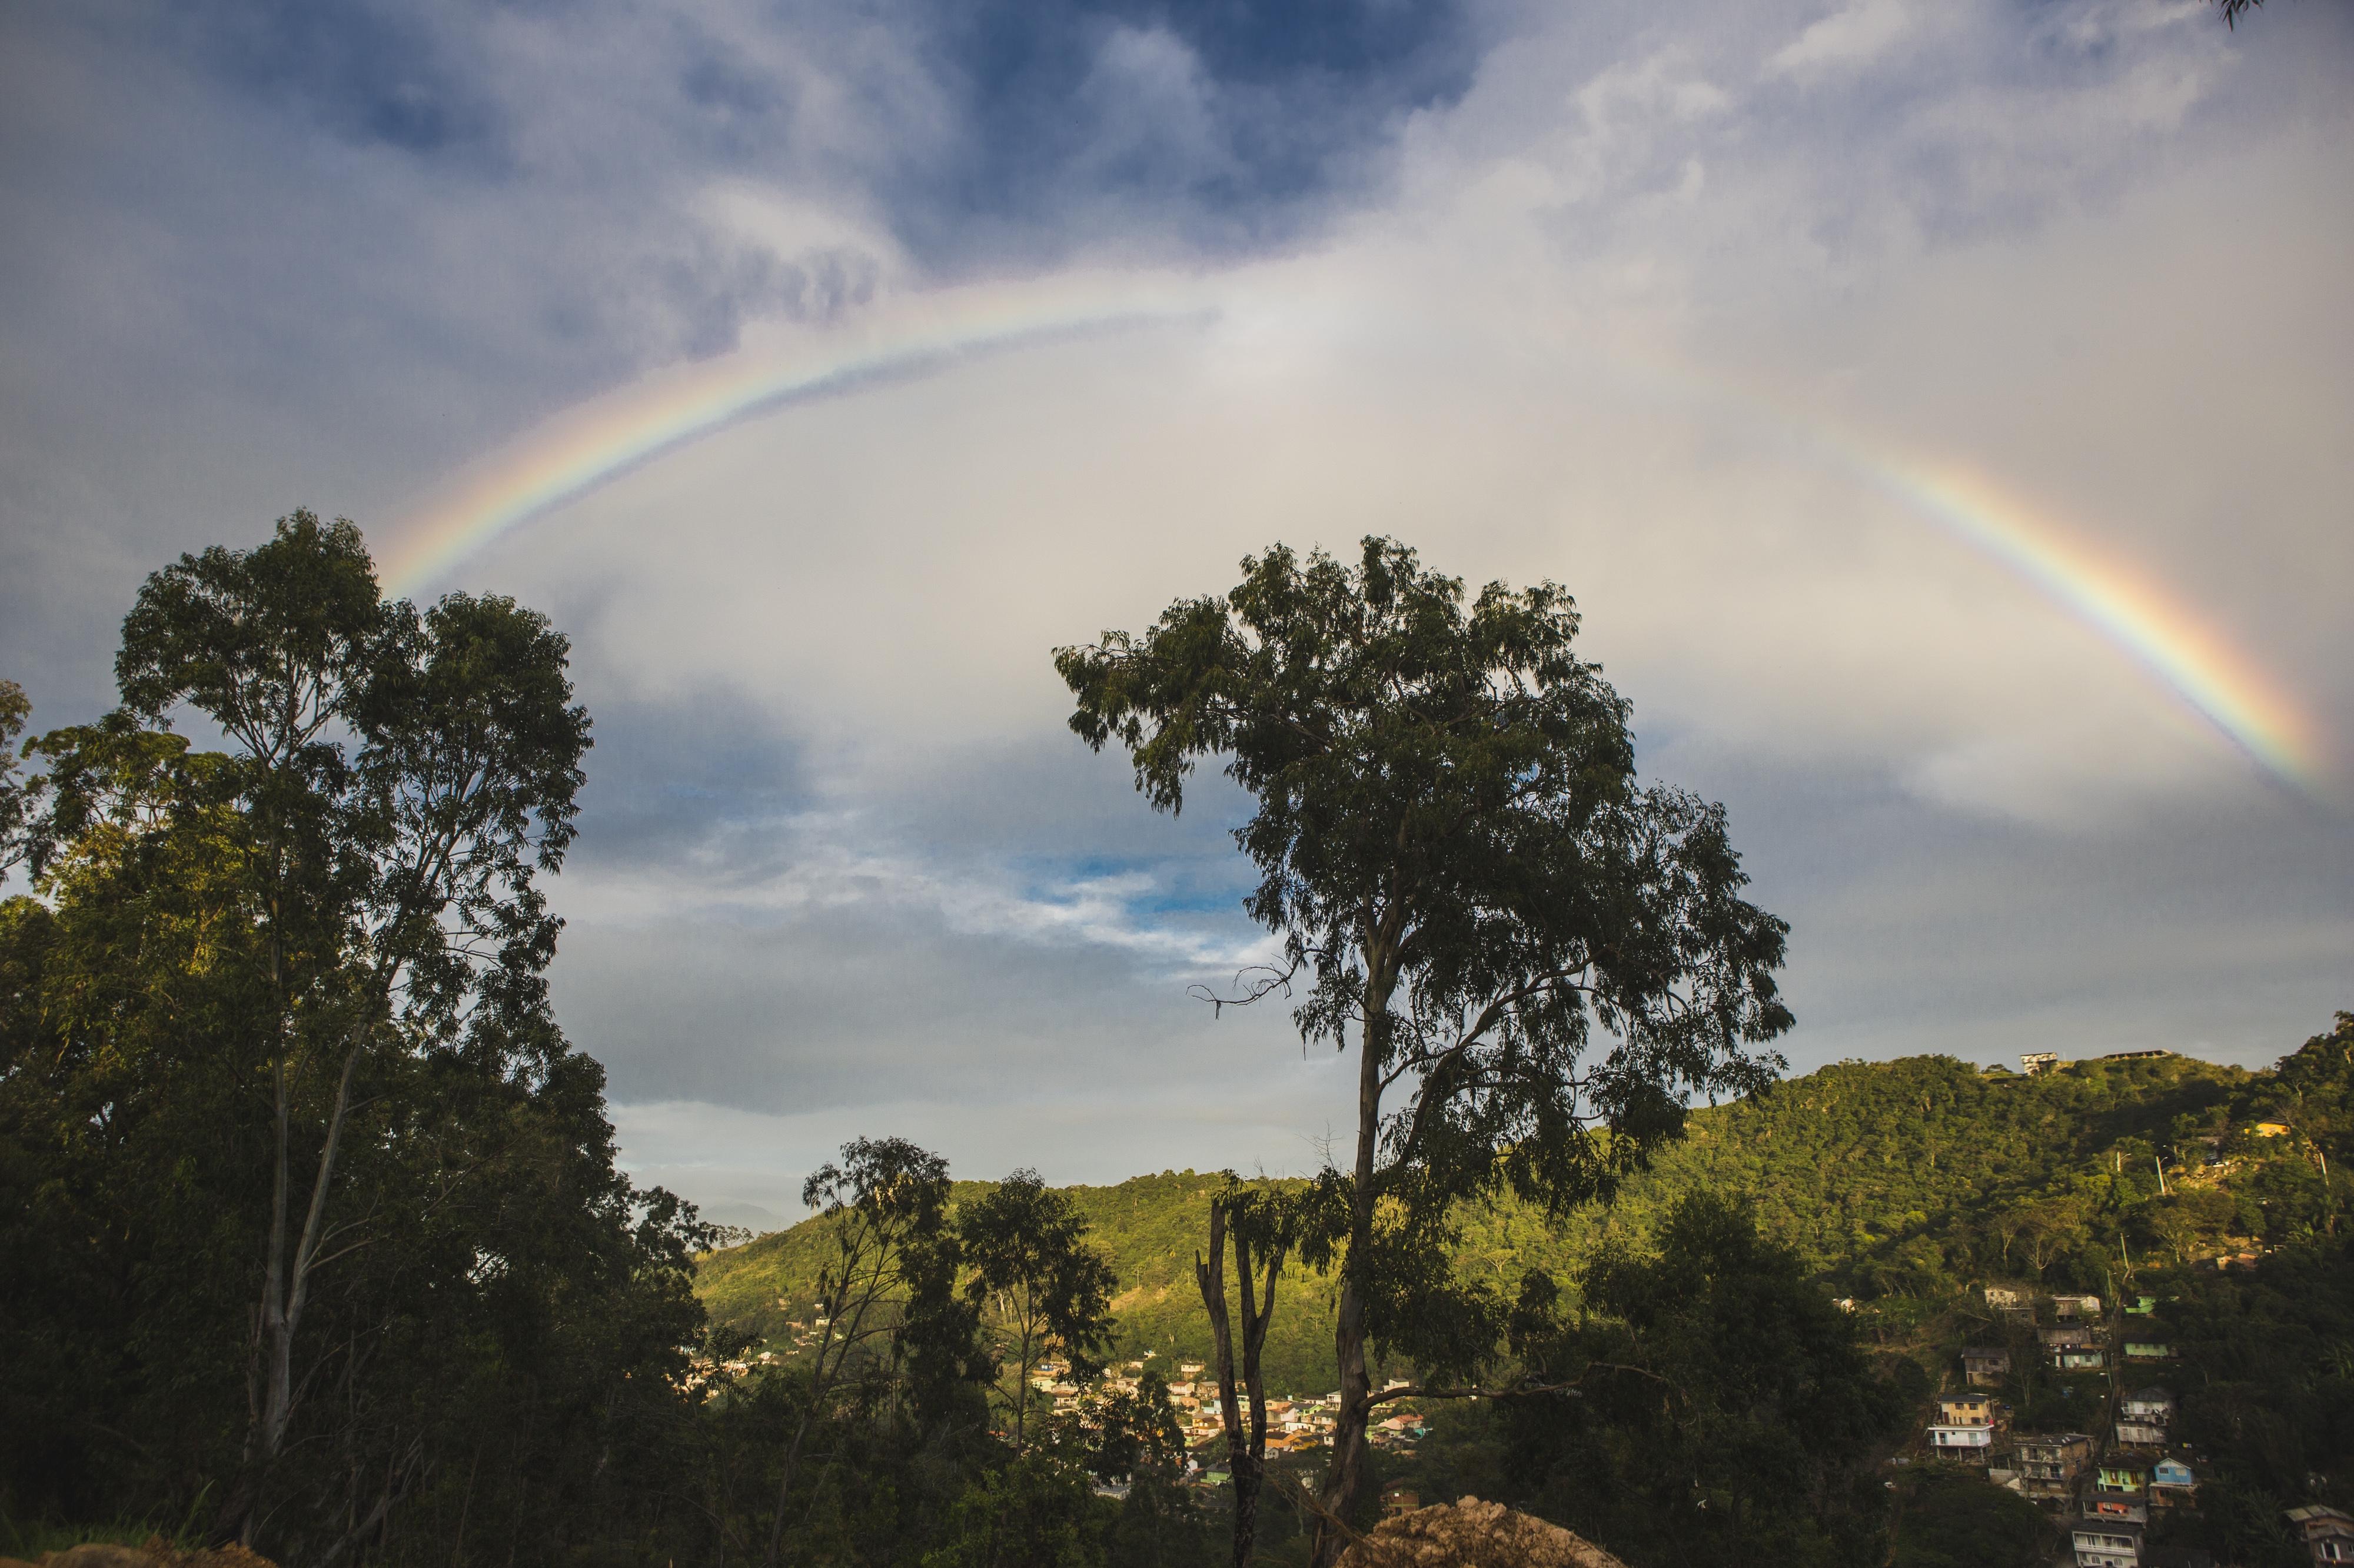 Arco-íris encantou moradores no começo da manhã na região central de Florianópolis nesta sexta - Daniel Queiroz/ND